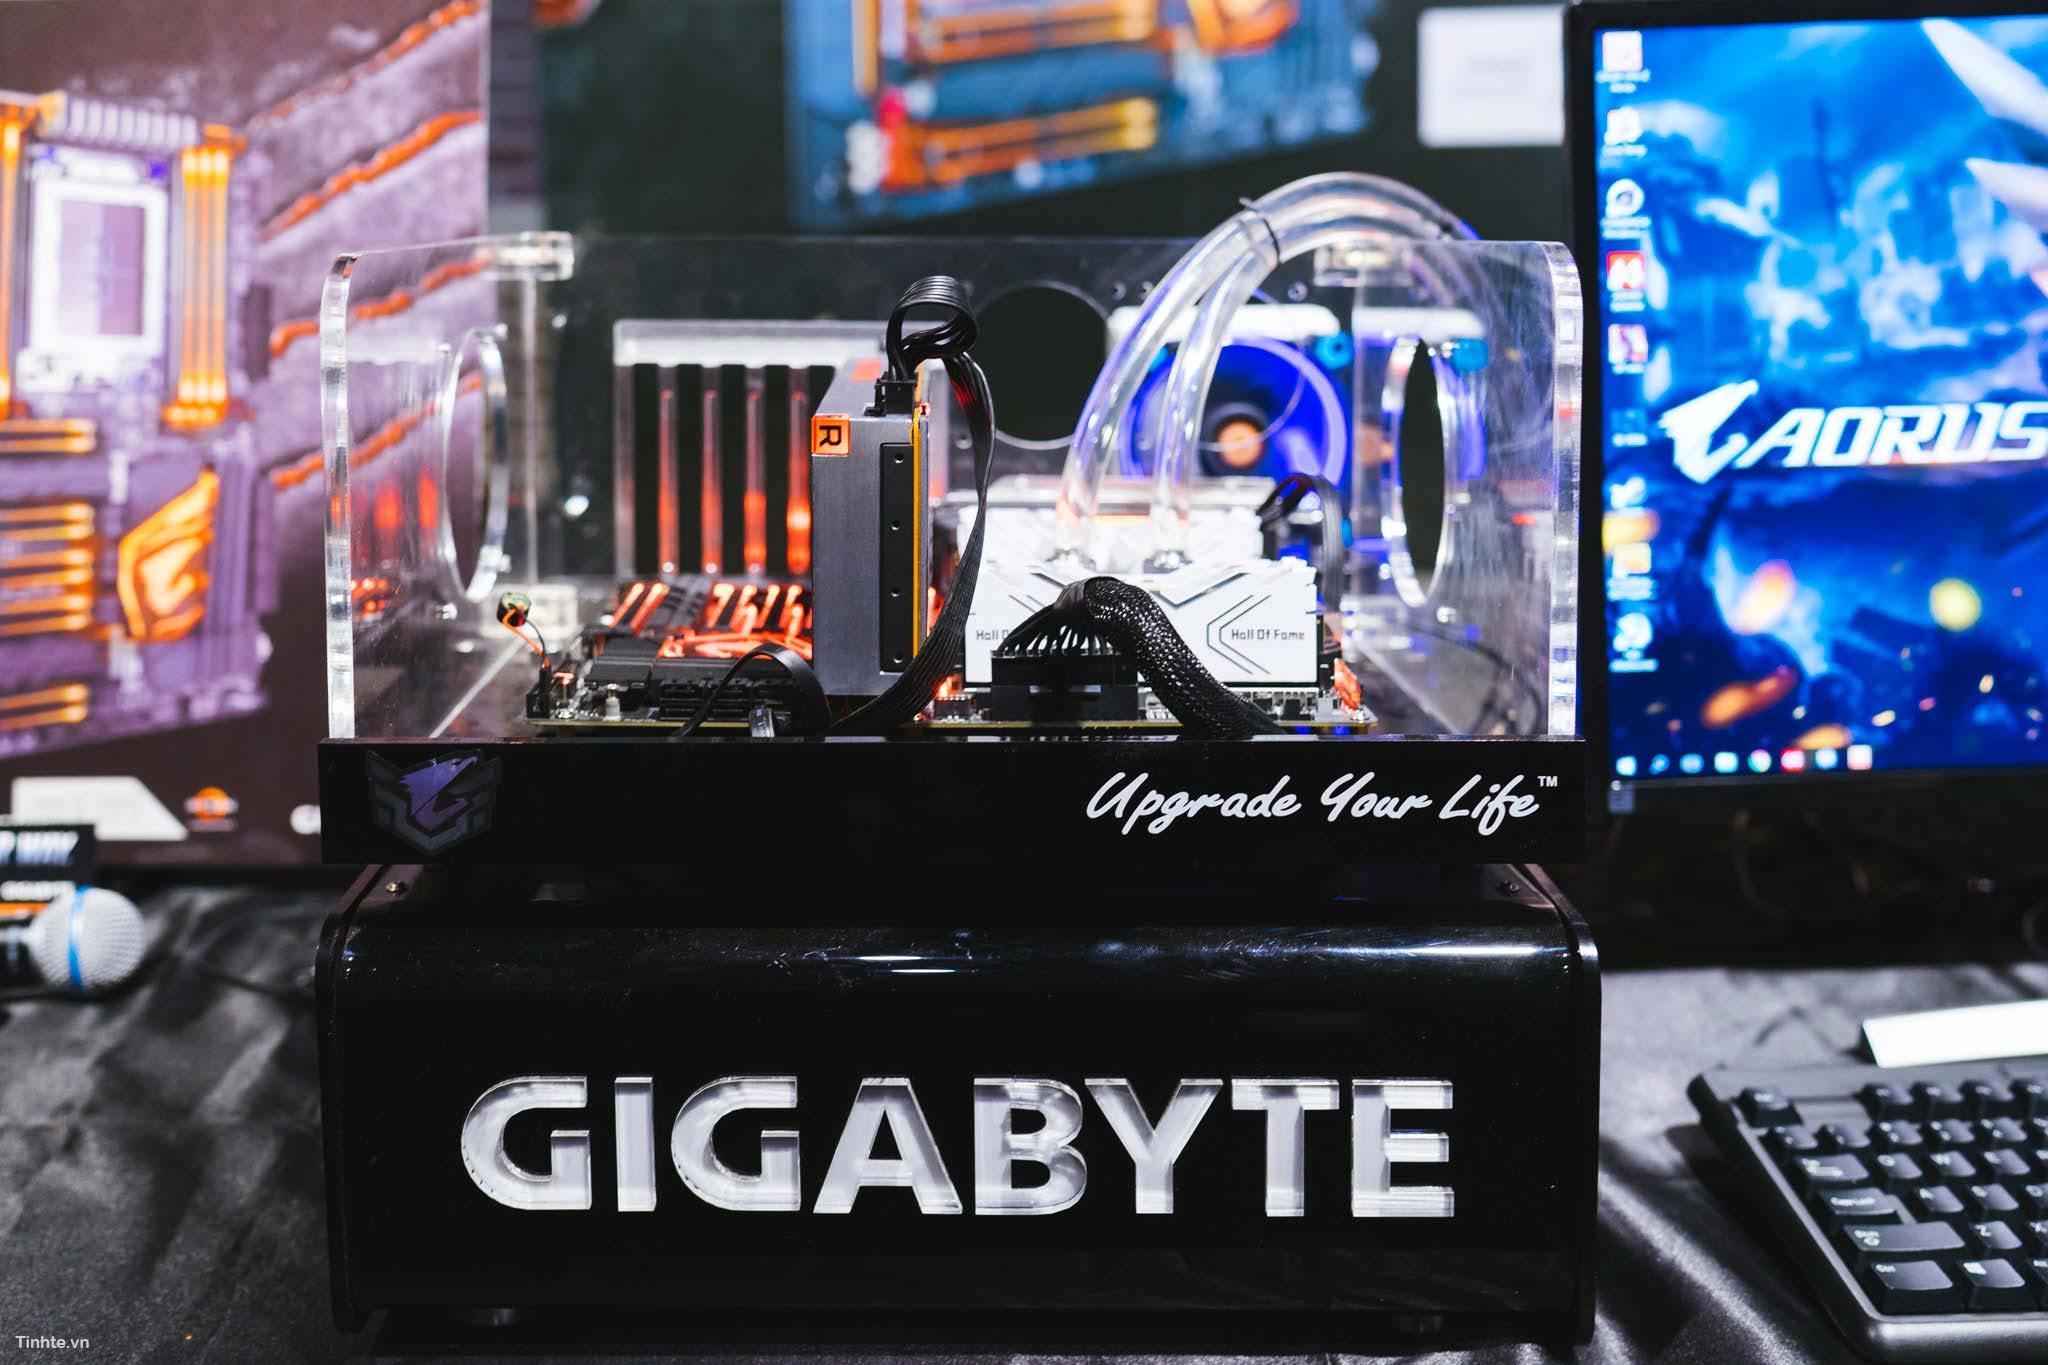 GIGABYTE_X399-3.jpg